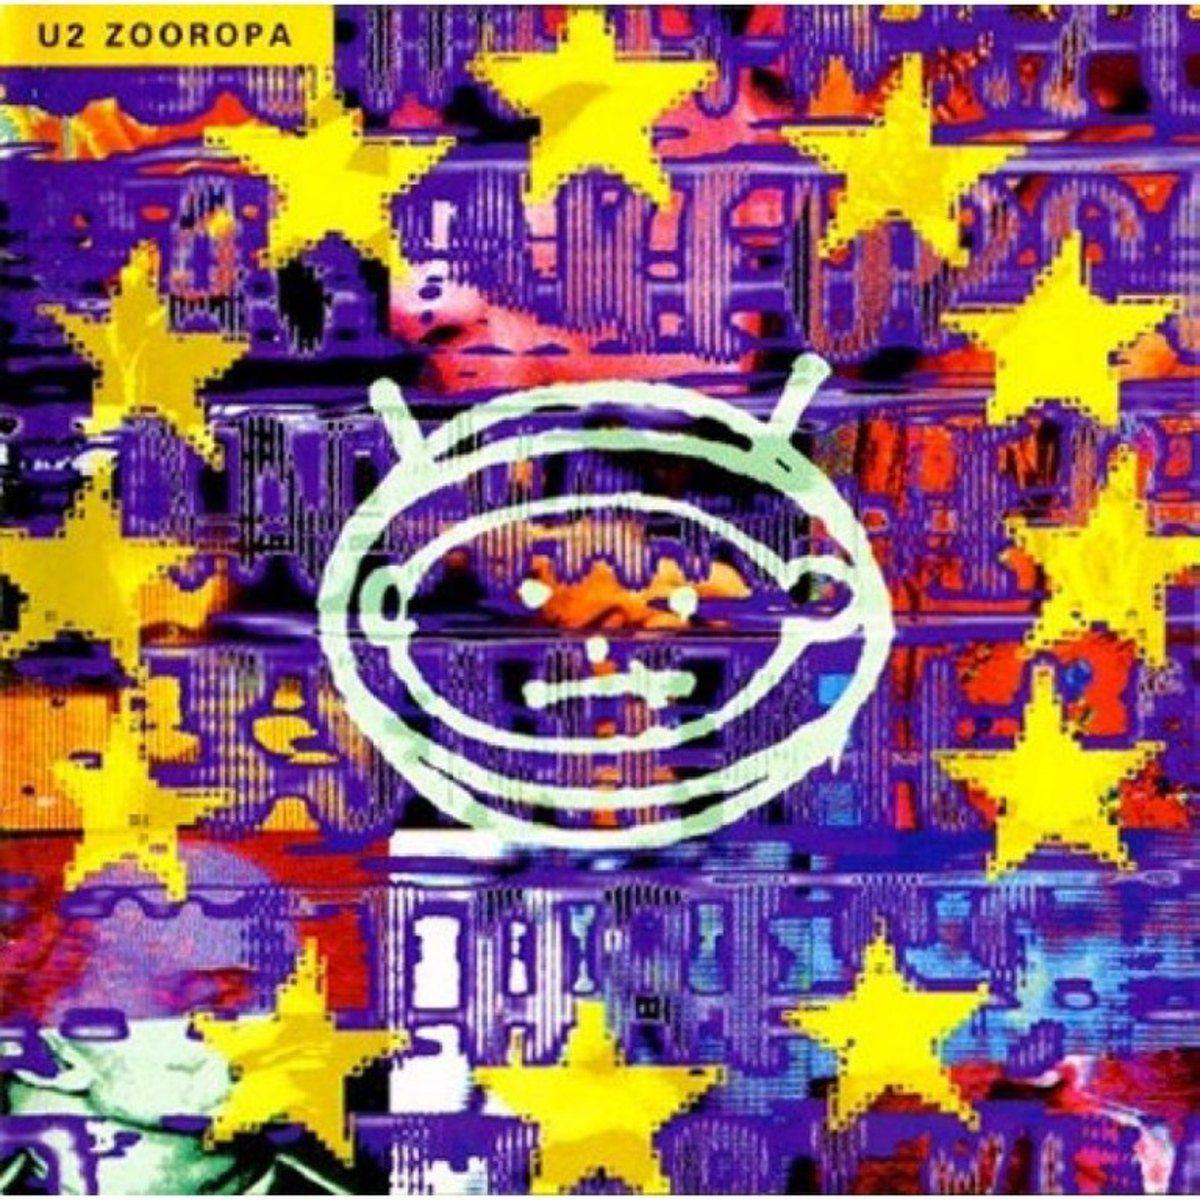 U2 - Zooropa - CD